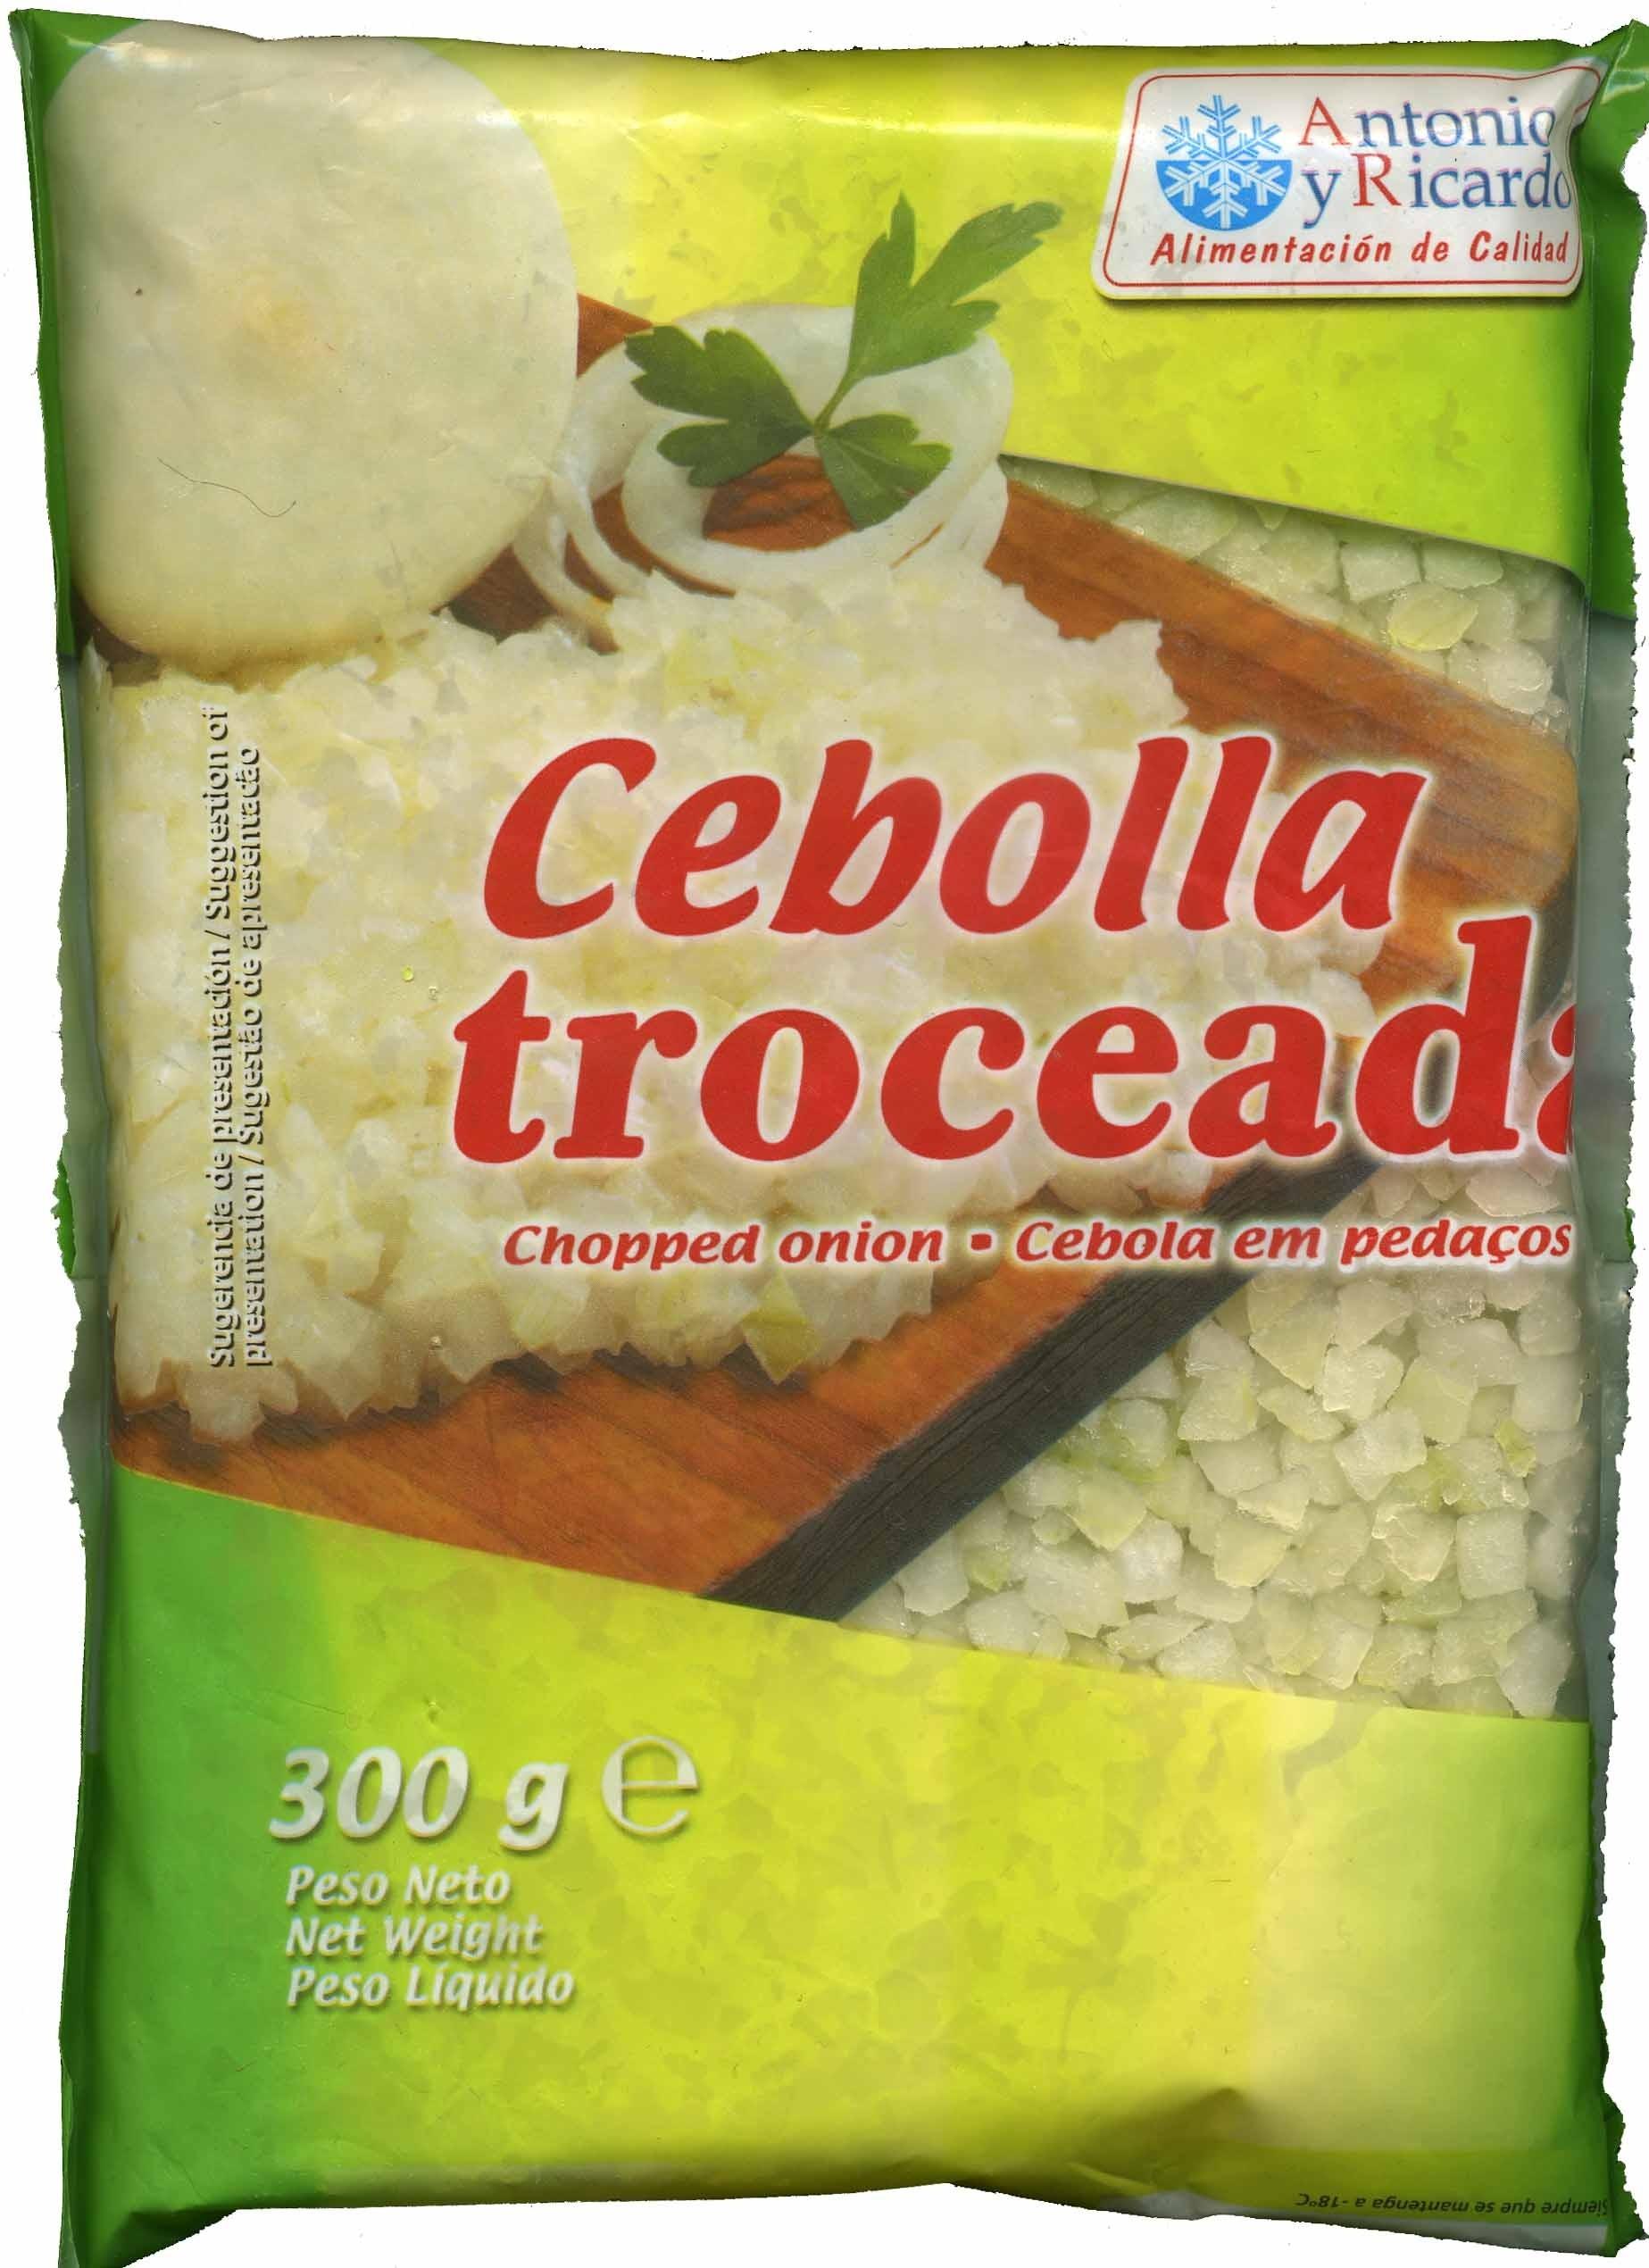 """Cebolla troceada congelada """"Antonio y Ricardo"""" - Producto - es"""